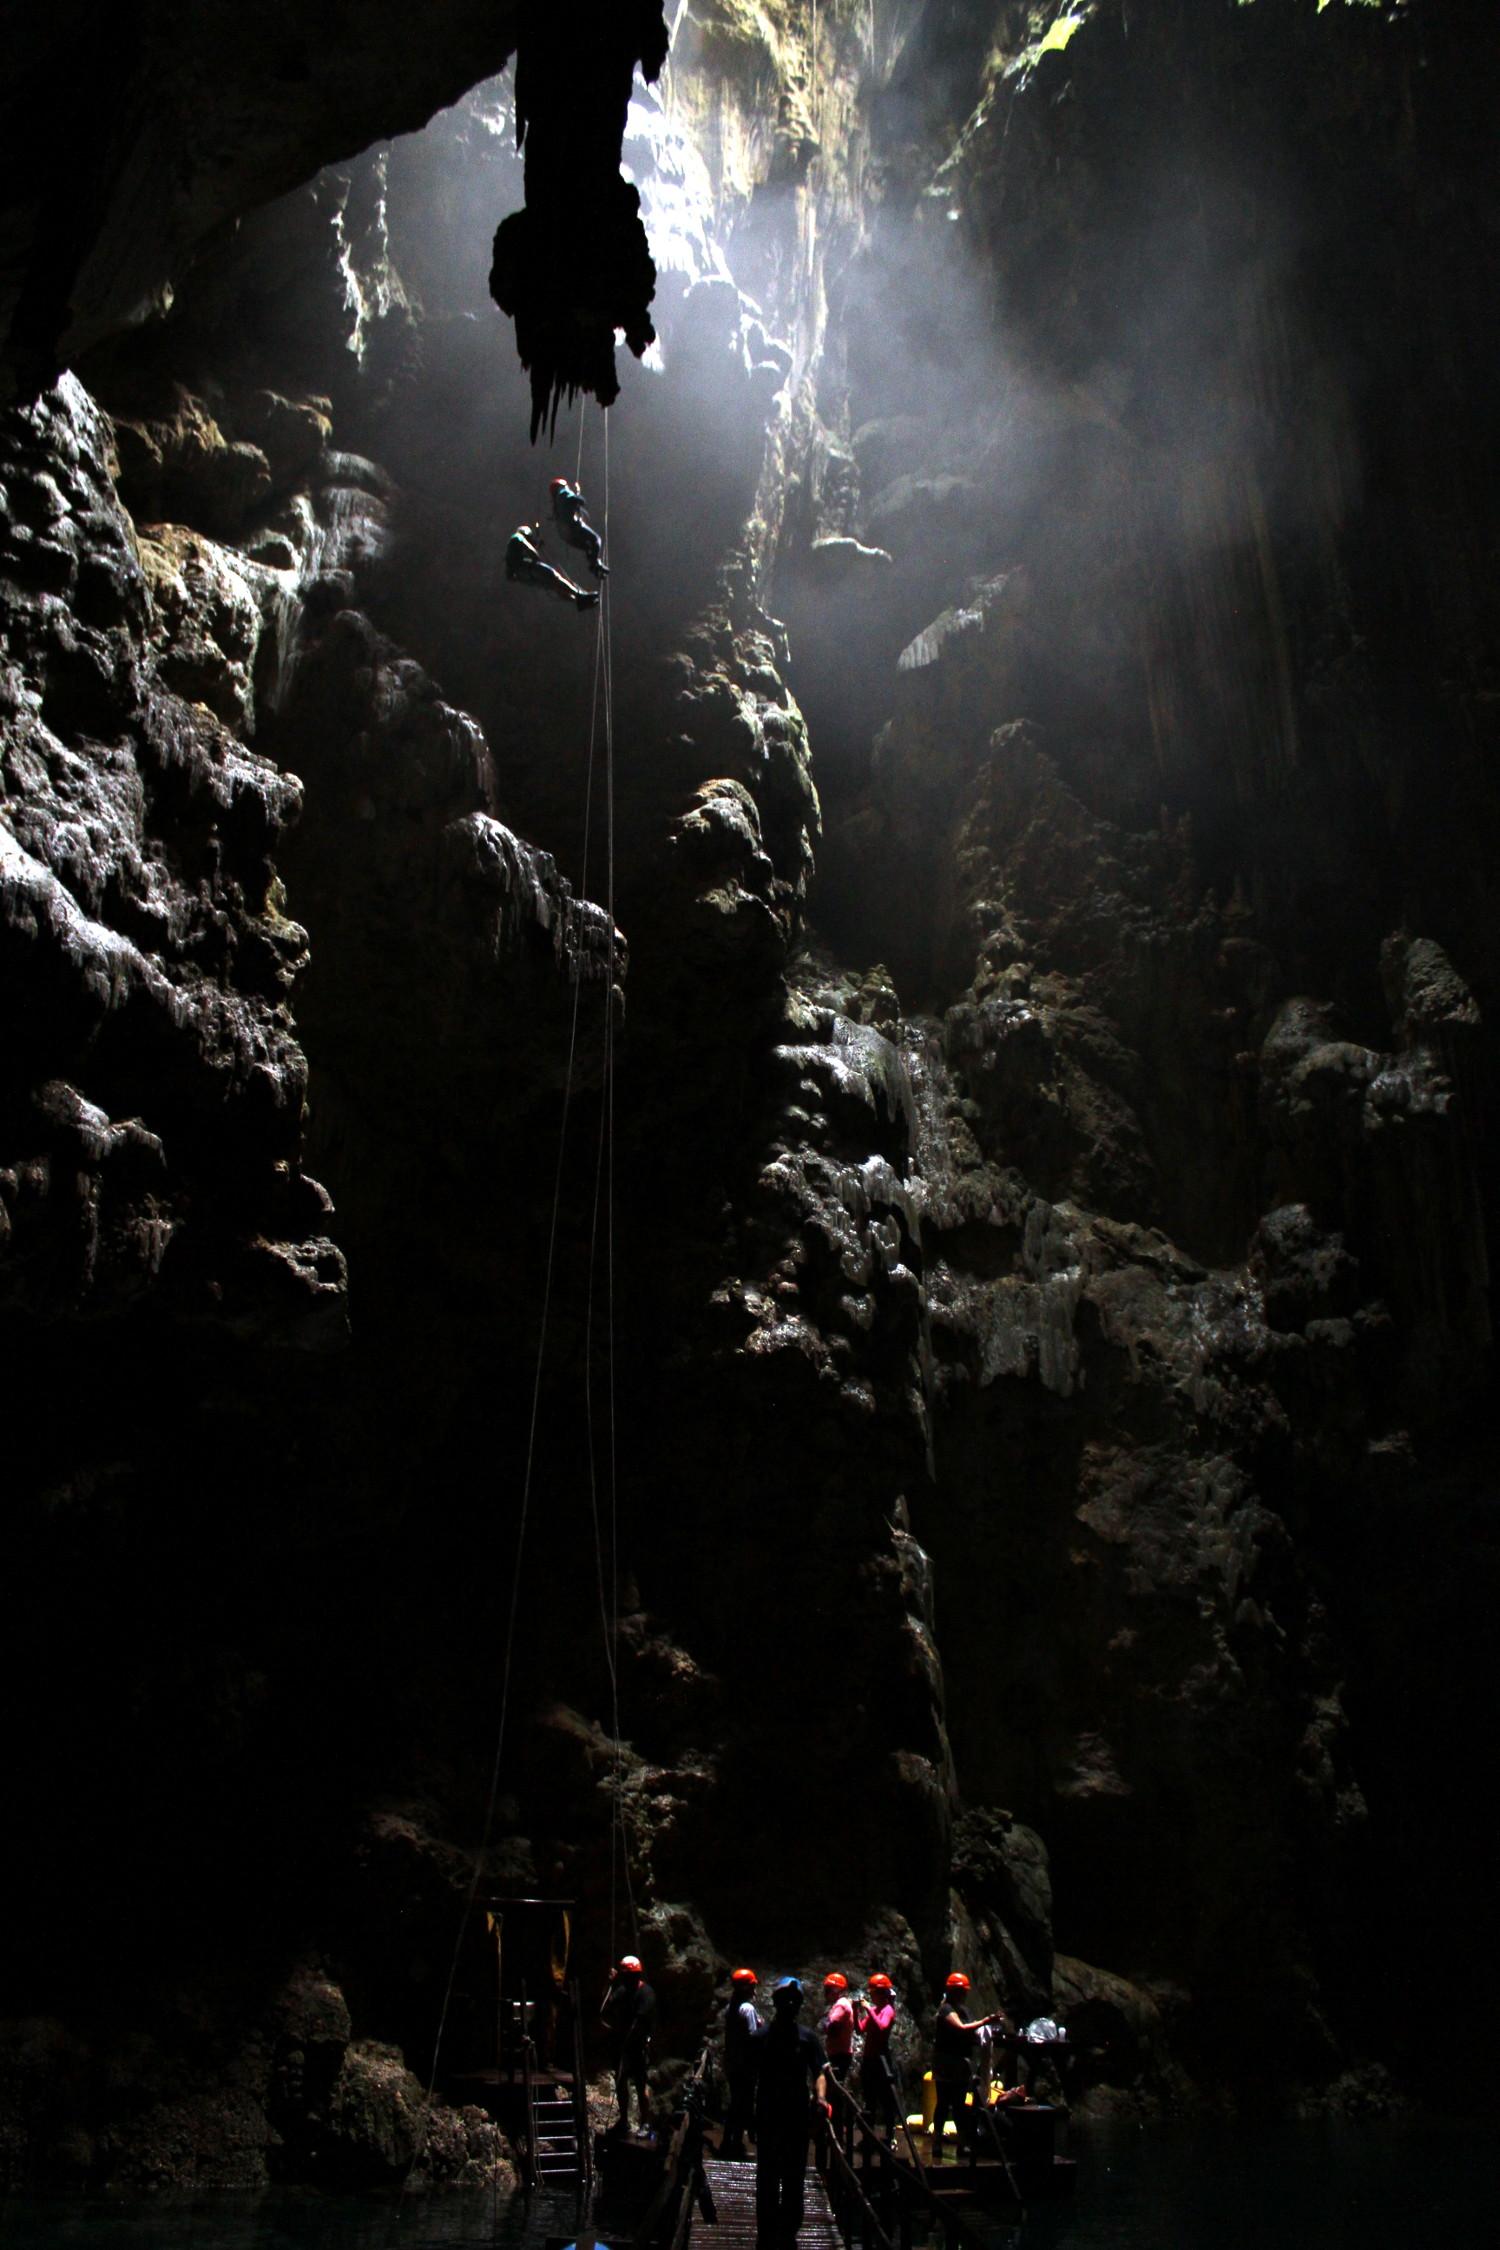 Rapel de 72 metros, no Abismo Anhumas, em Bonito, Mato GRosso do Sul (foto: Eduardo Vessoni)